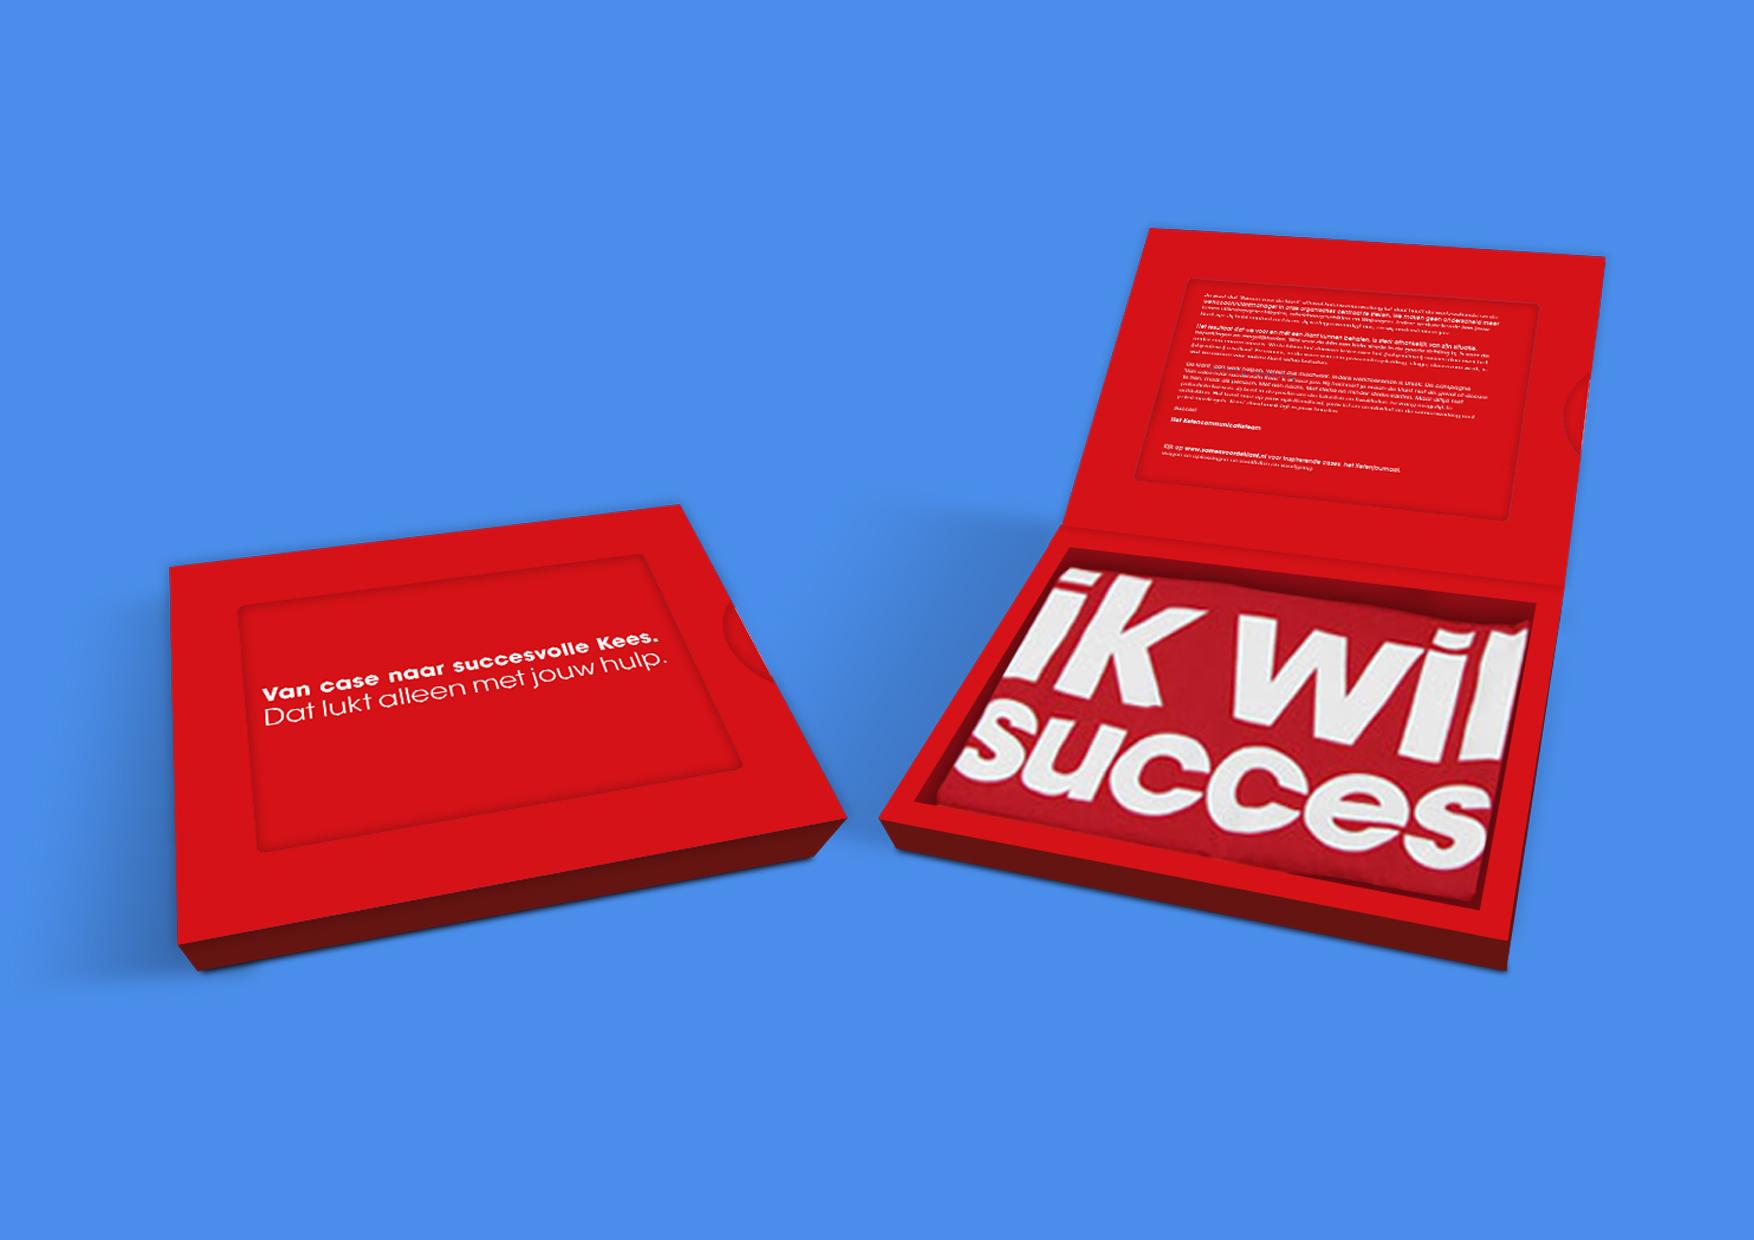 UWV Interne Campagne